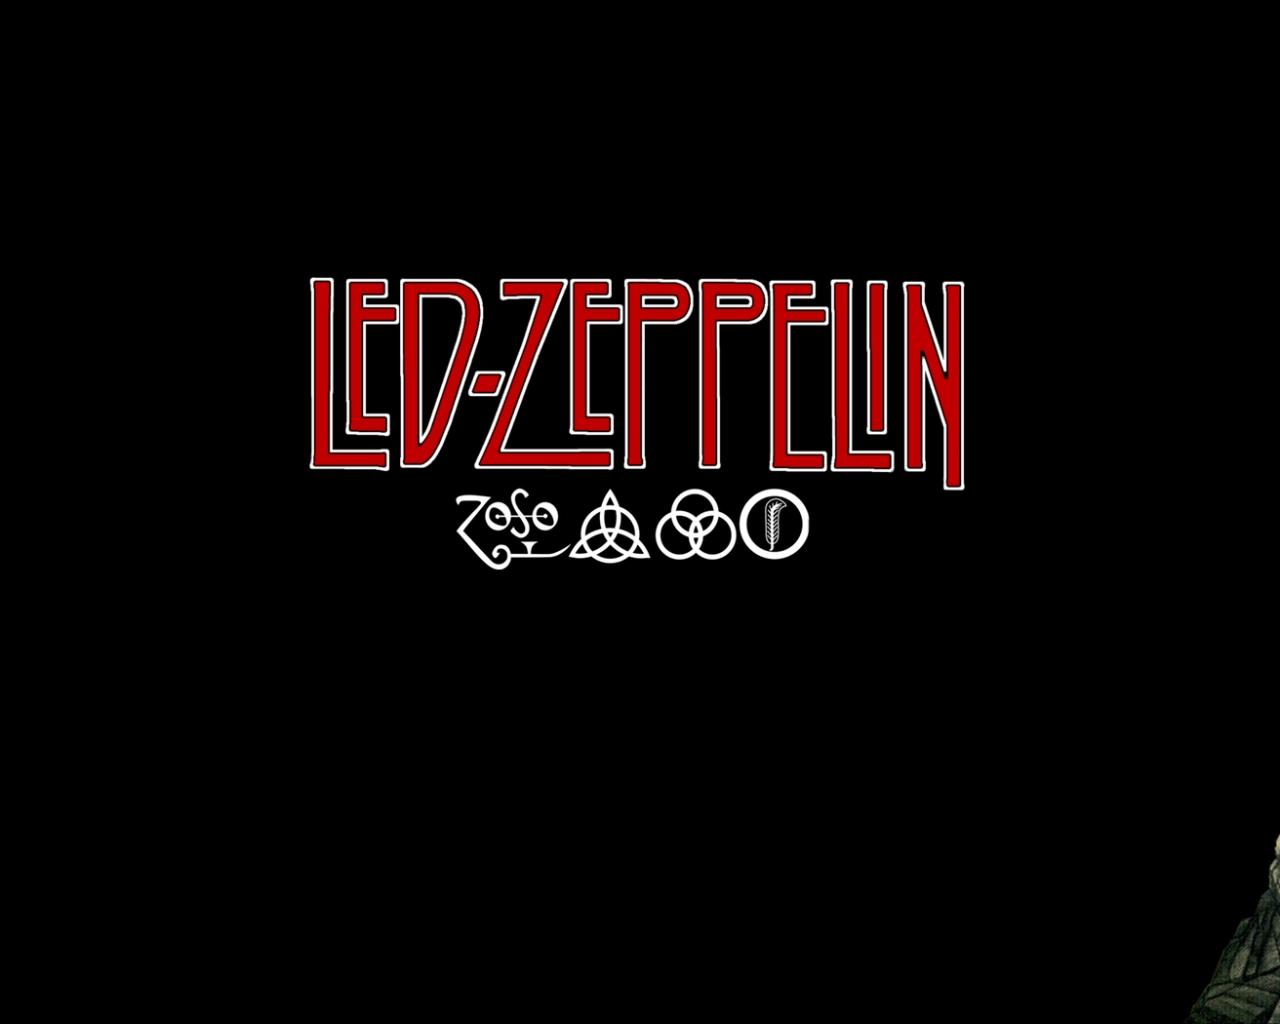 Led Zeppelin - 1280x1024